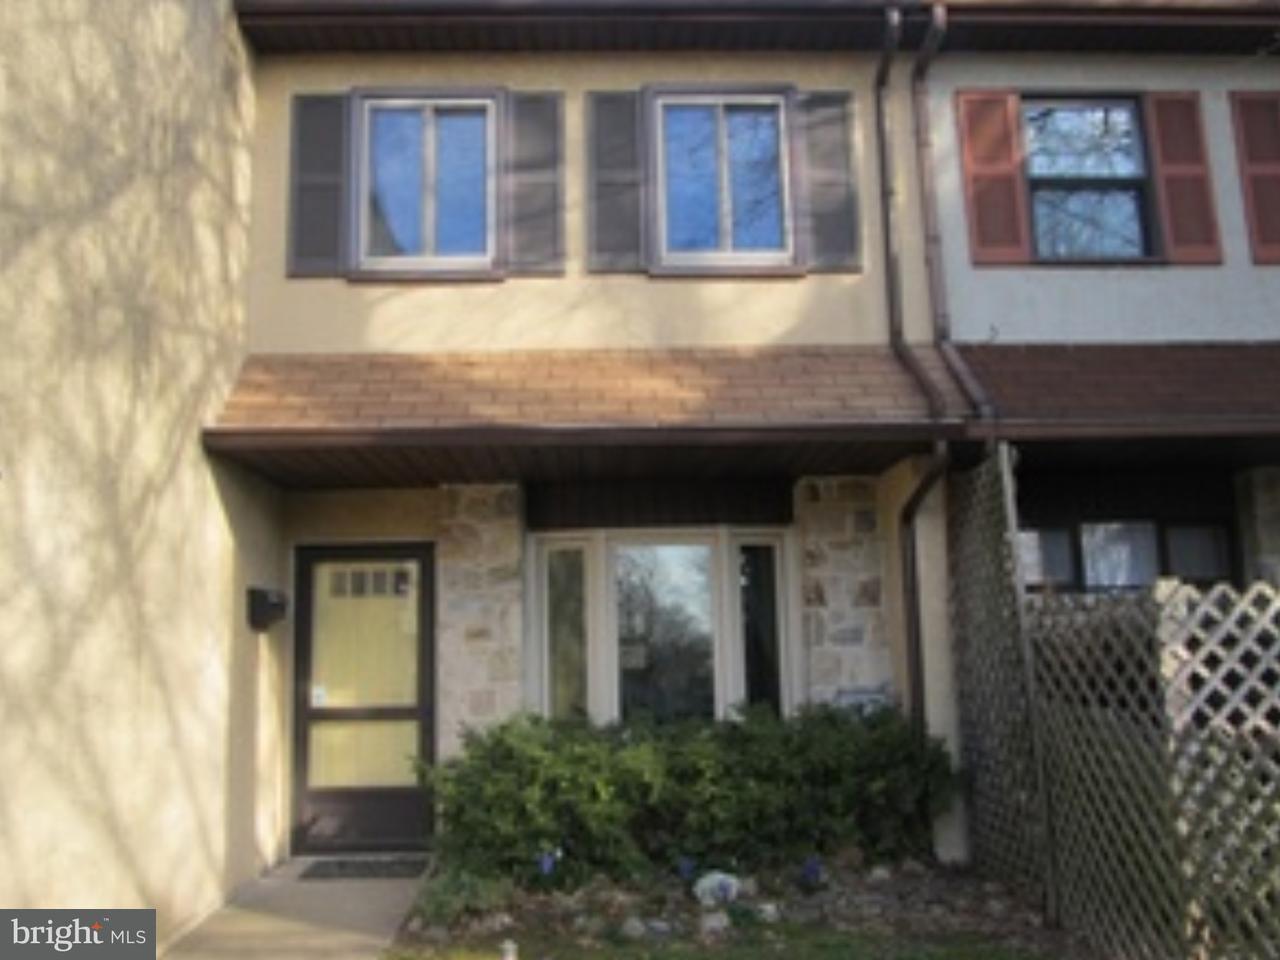 Casa unifamiliar adosada (Townhouse) por un Alquiler en 2268 SUZANN Drive Warrington, Pennsylvania 18976 Estados Unidos